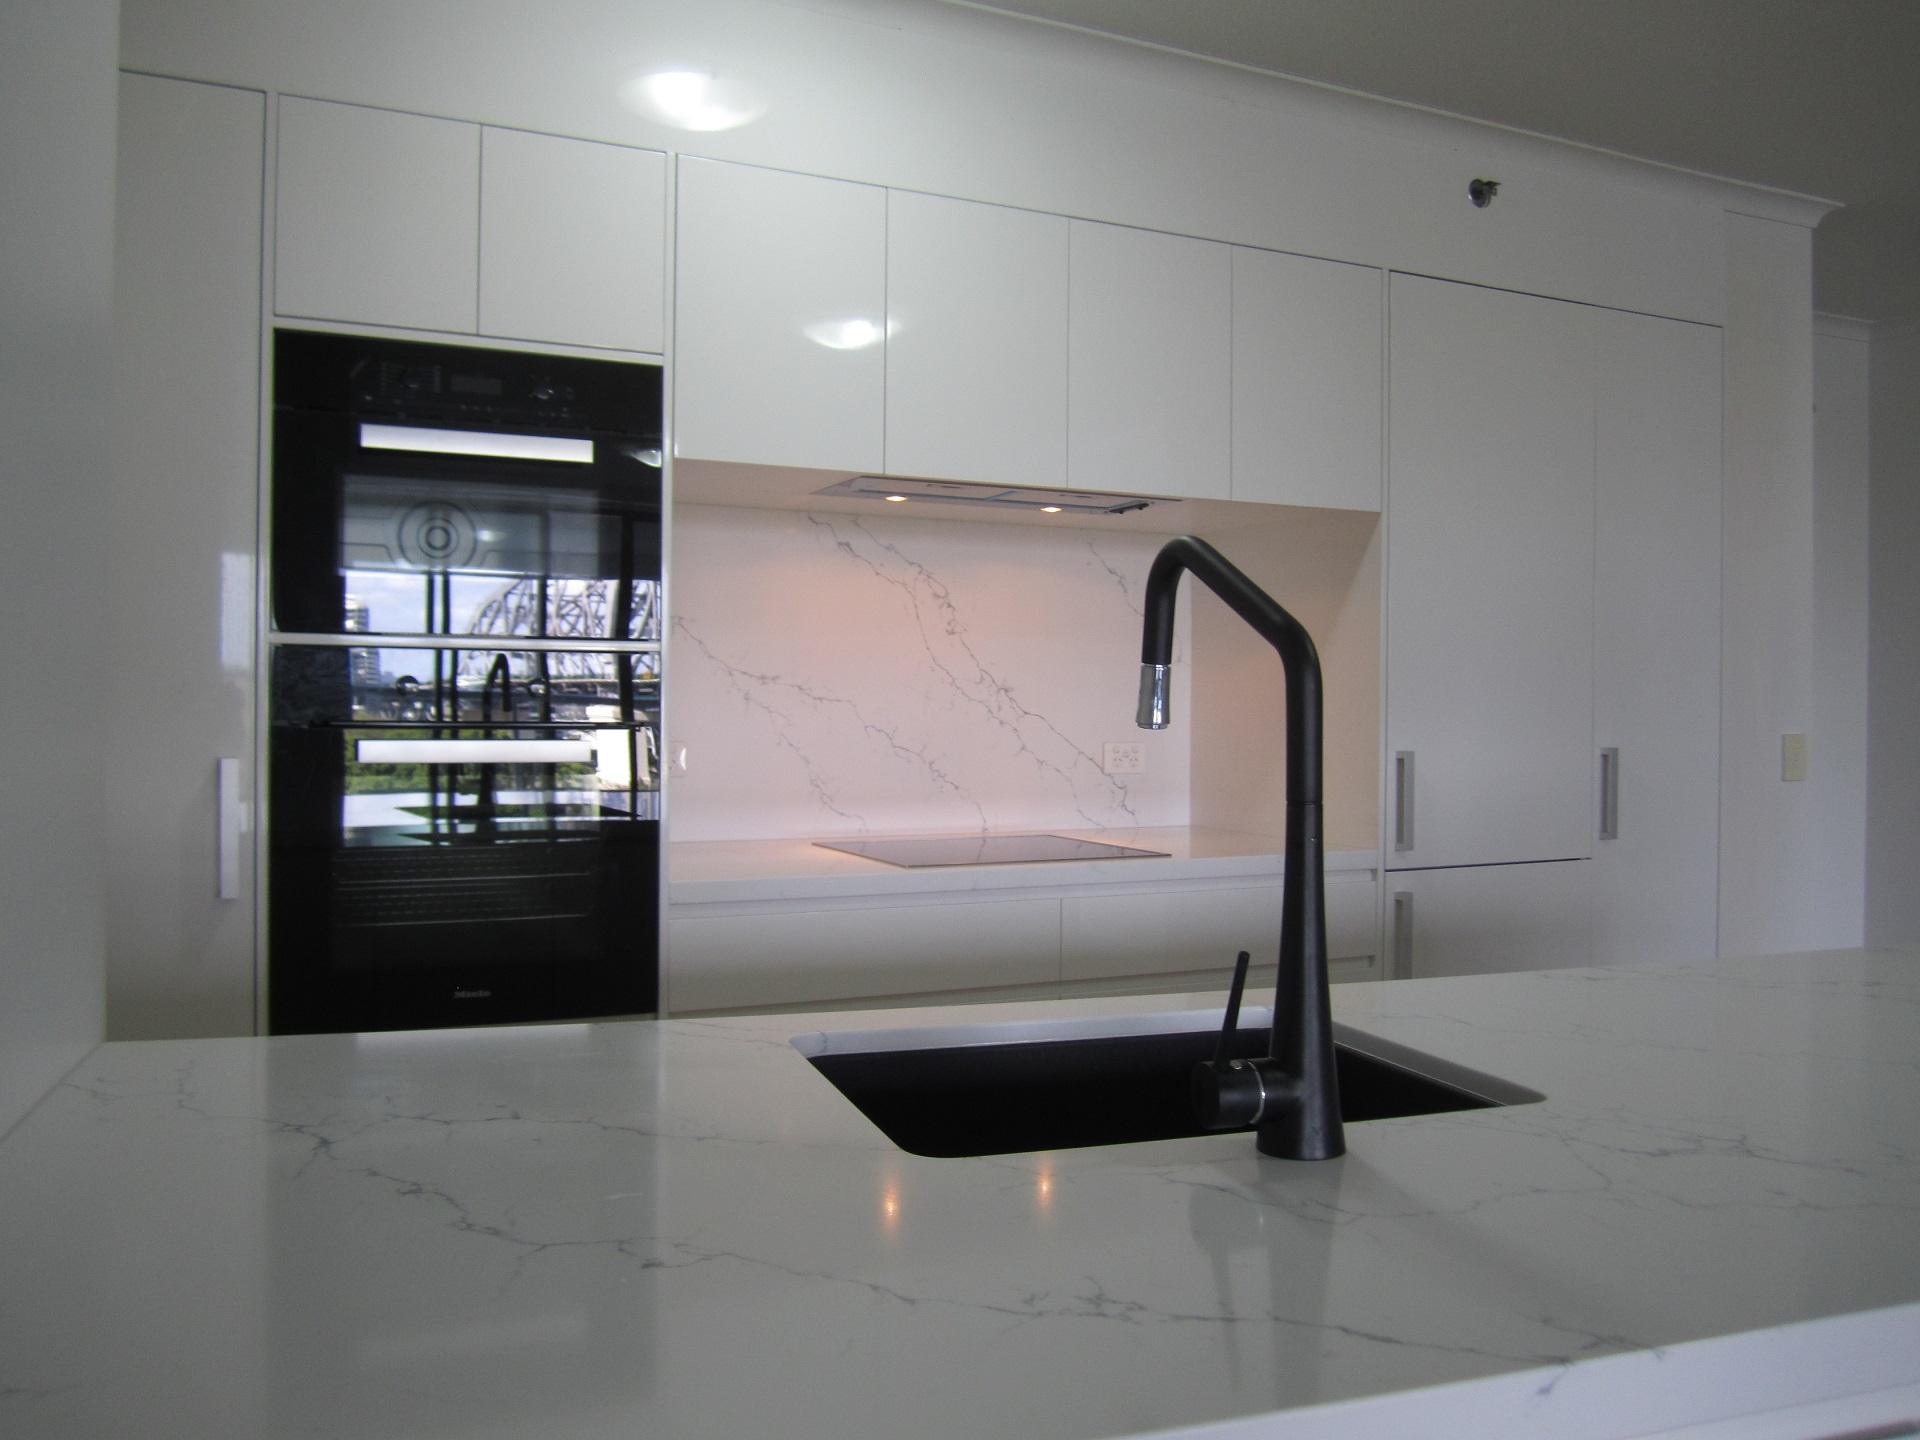 Brisbane Kitchen Design Brisbane City Contemporary Kitchen Renovation Undermount Granite Sink (4)